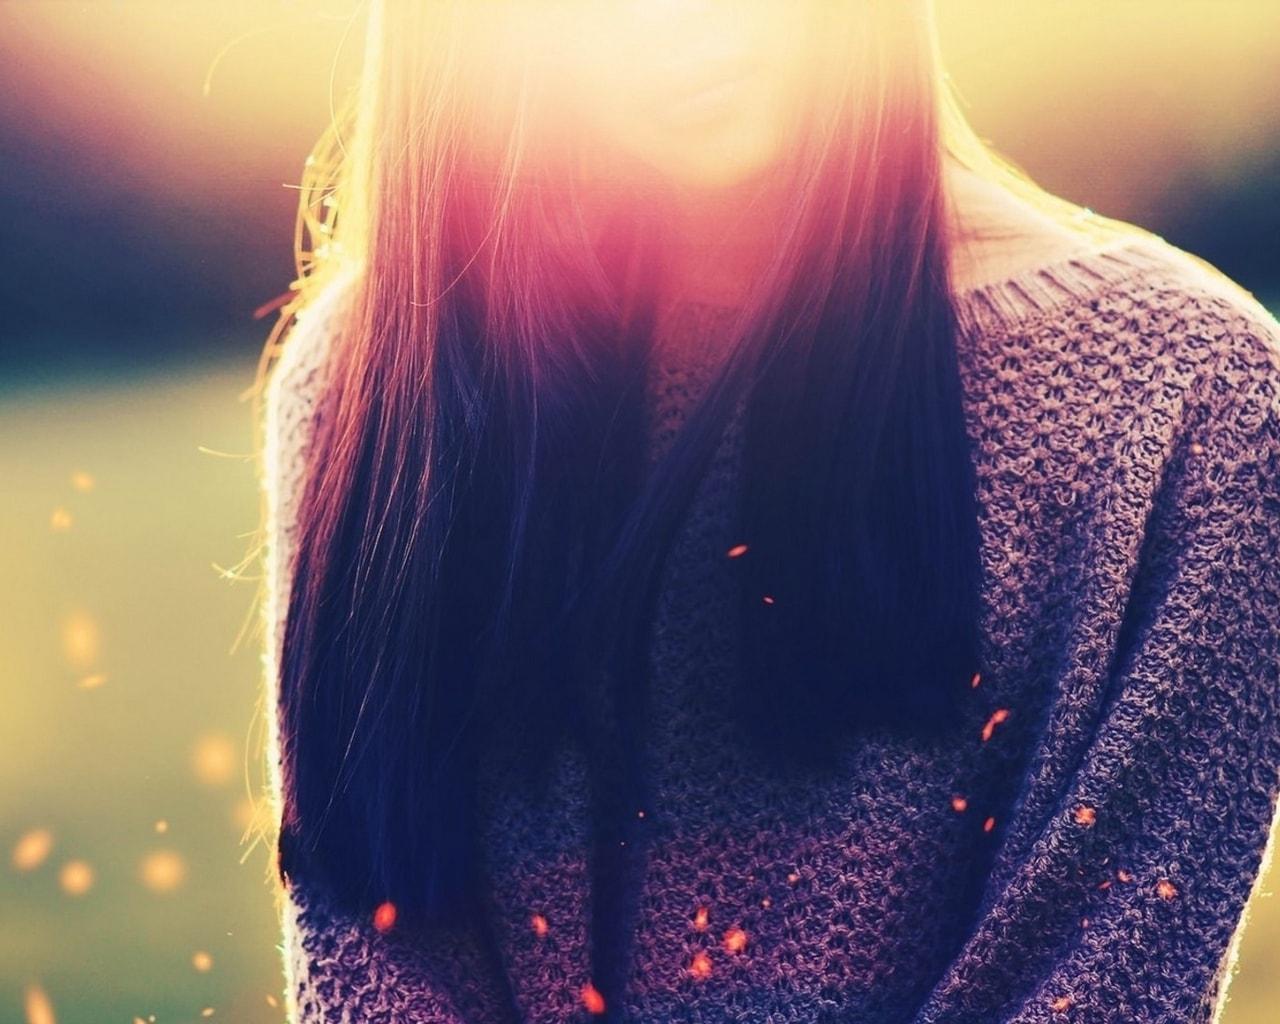 Картинка на аватарку для девушек брюнеток со спины